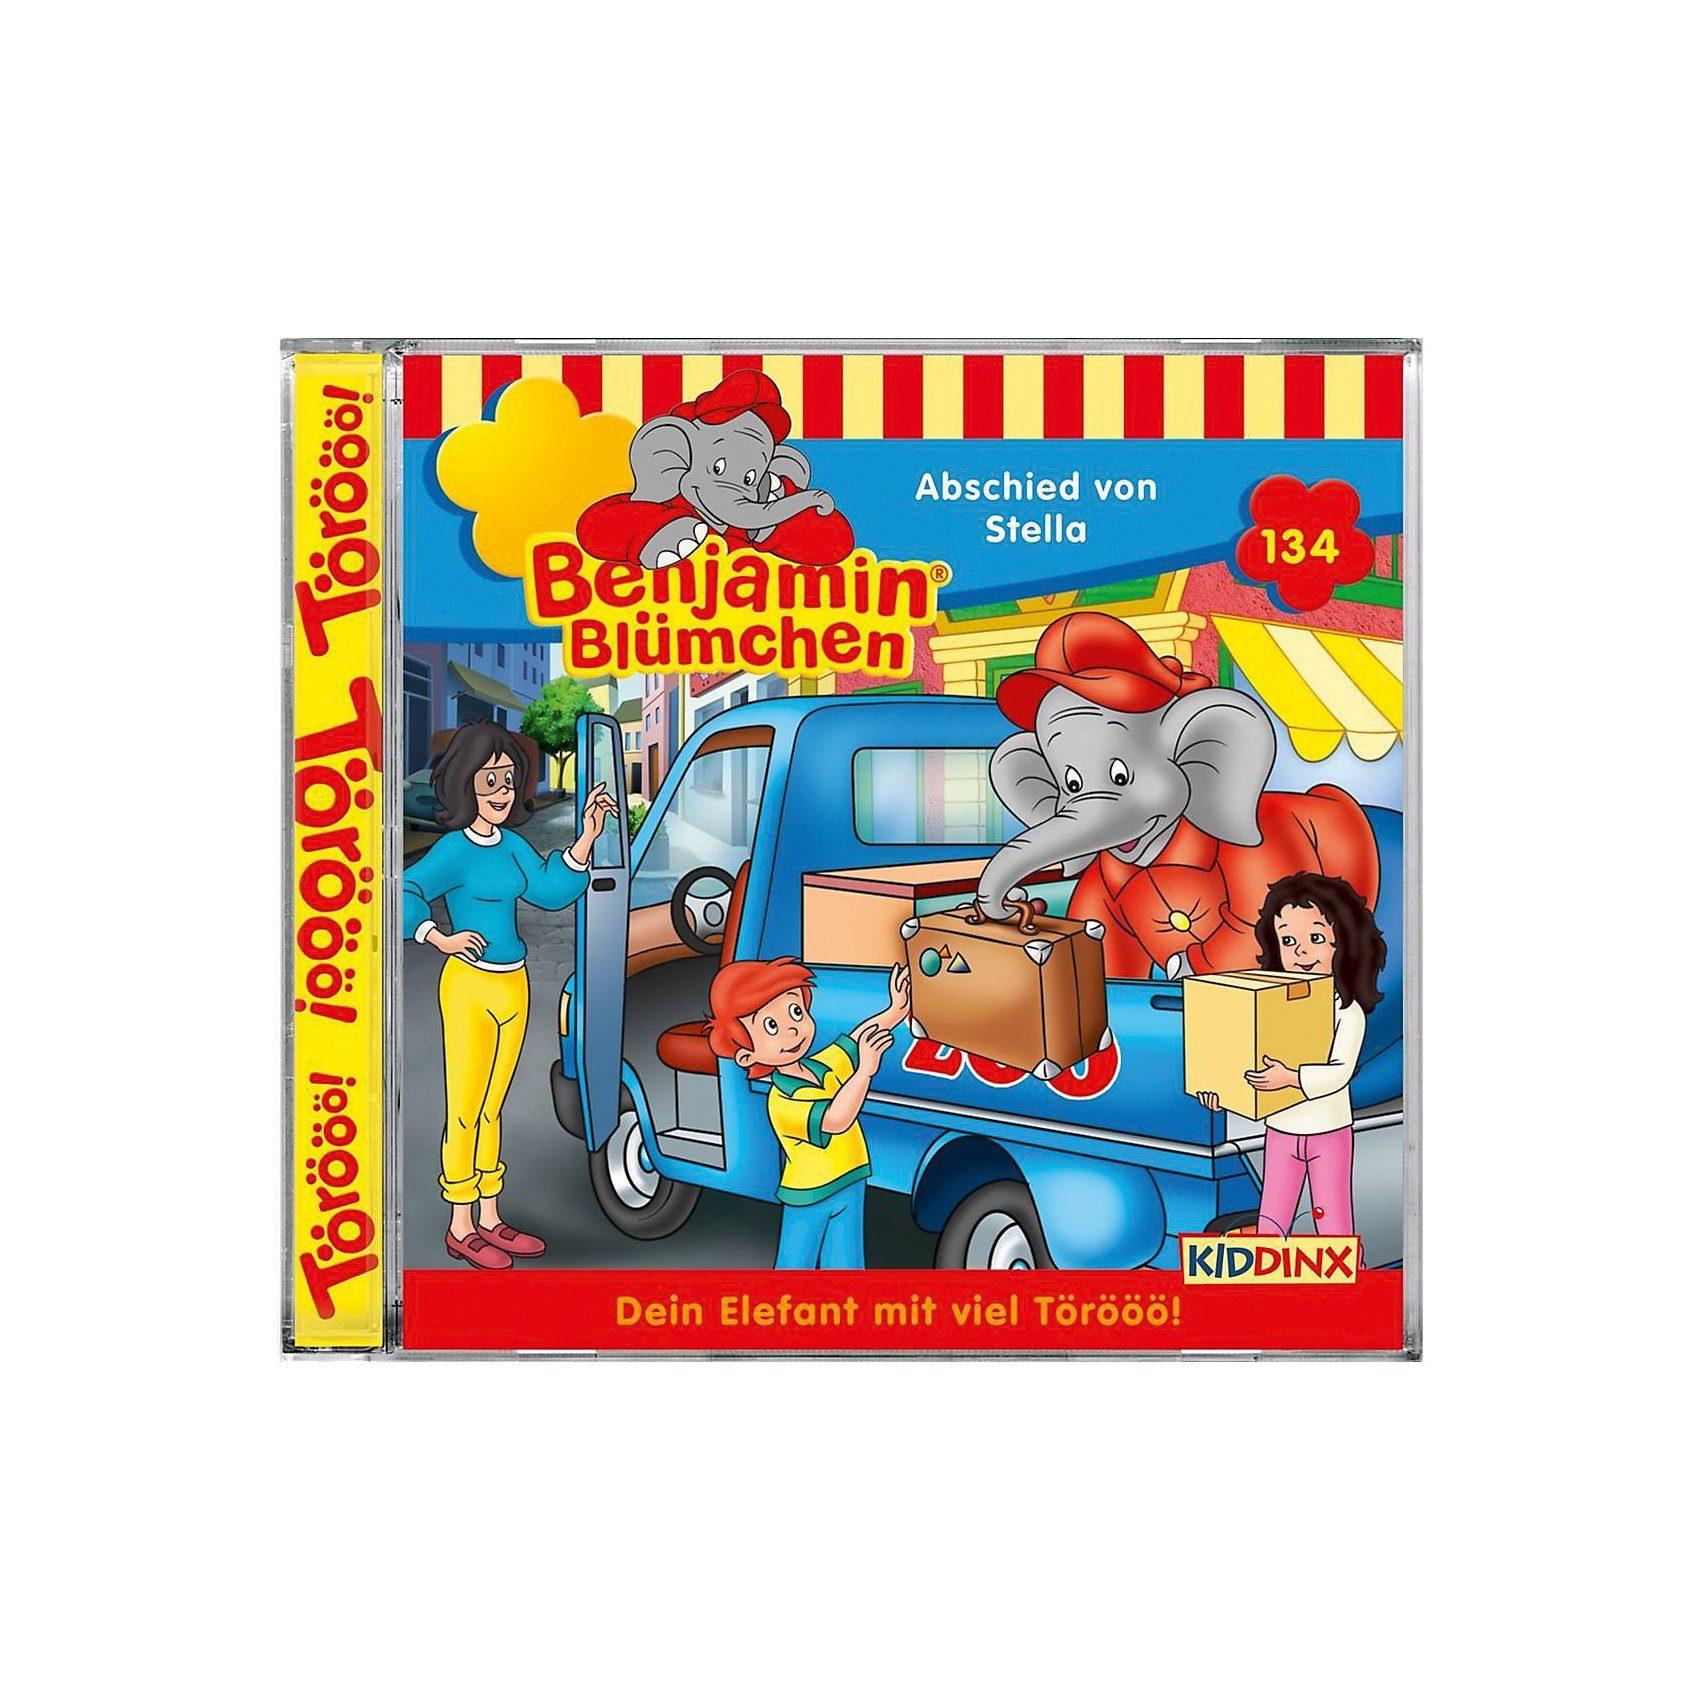 Kiddinx CD Benjamin Blümchen 134 - Abschied von Stella